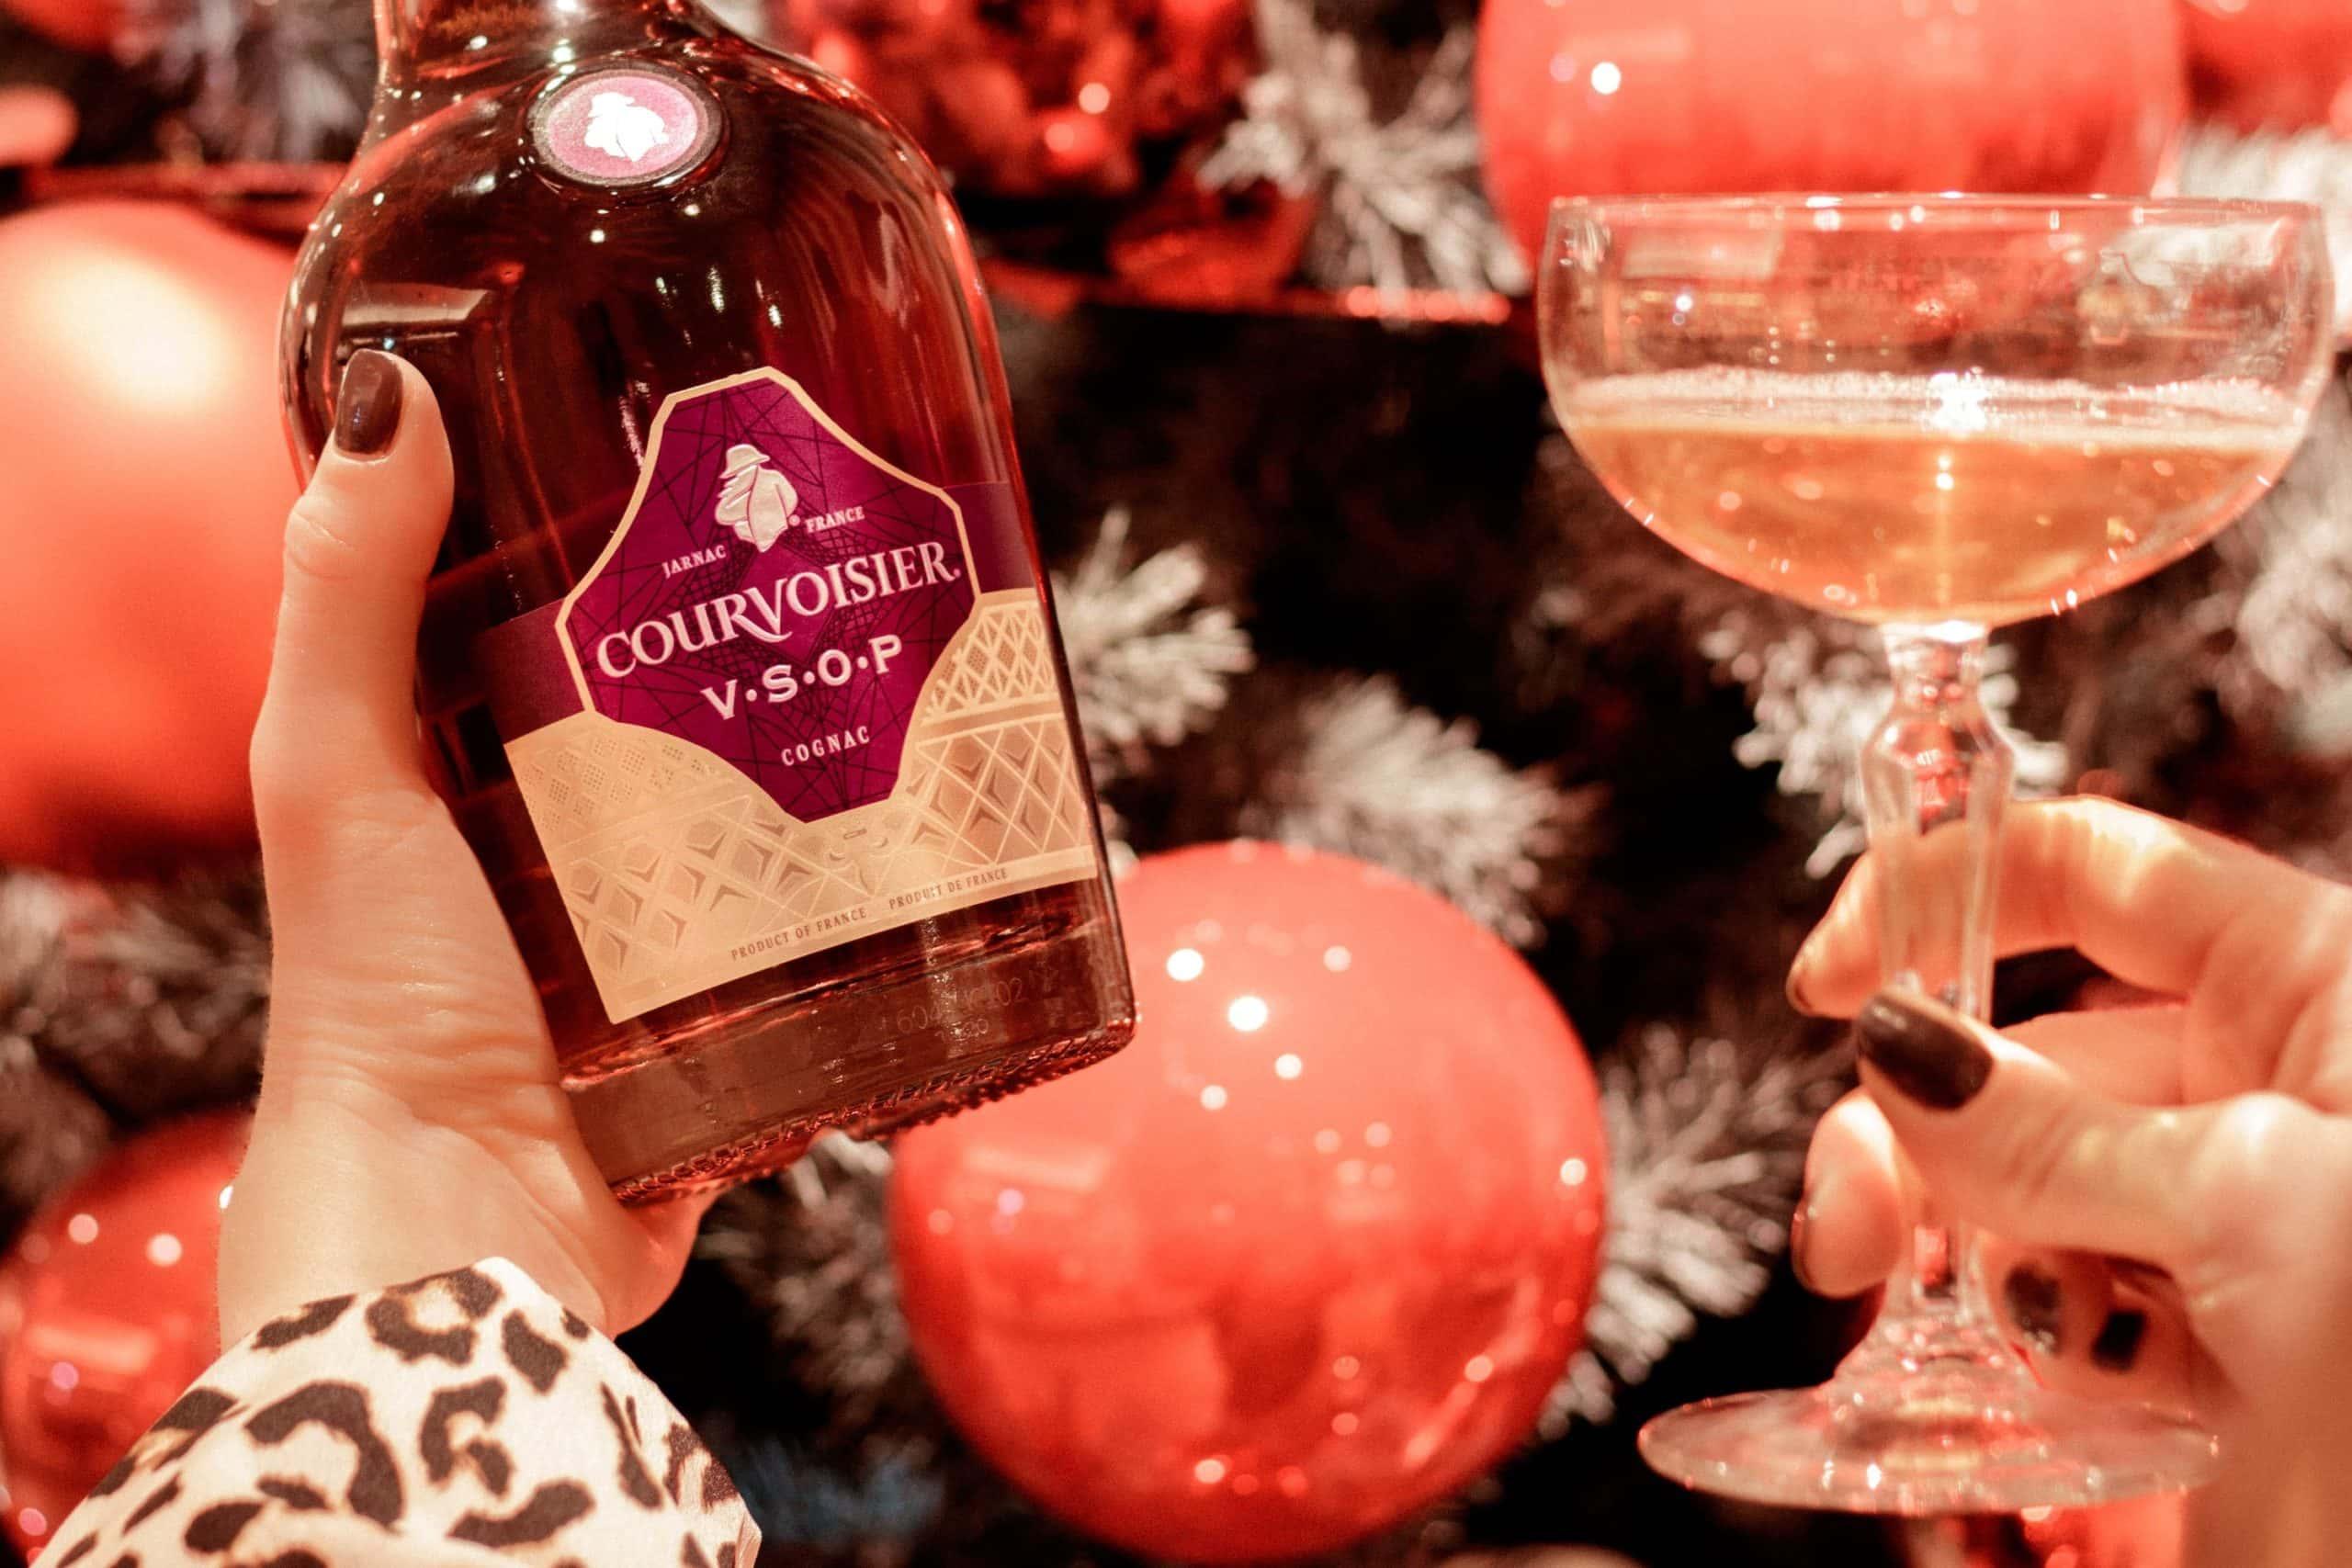 champagner cocktail mit courvoisier VSOP